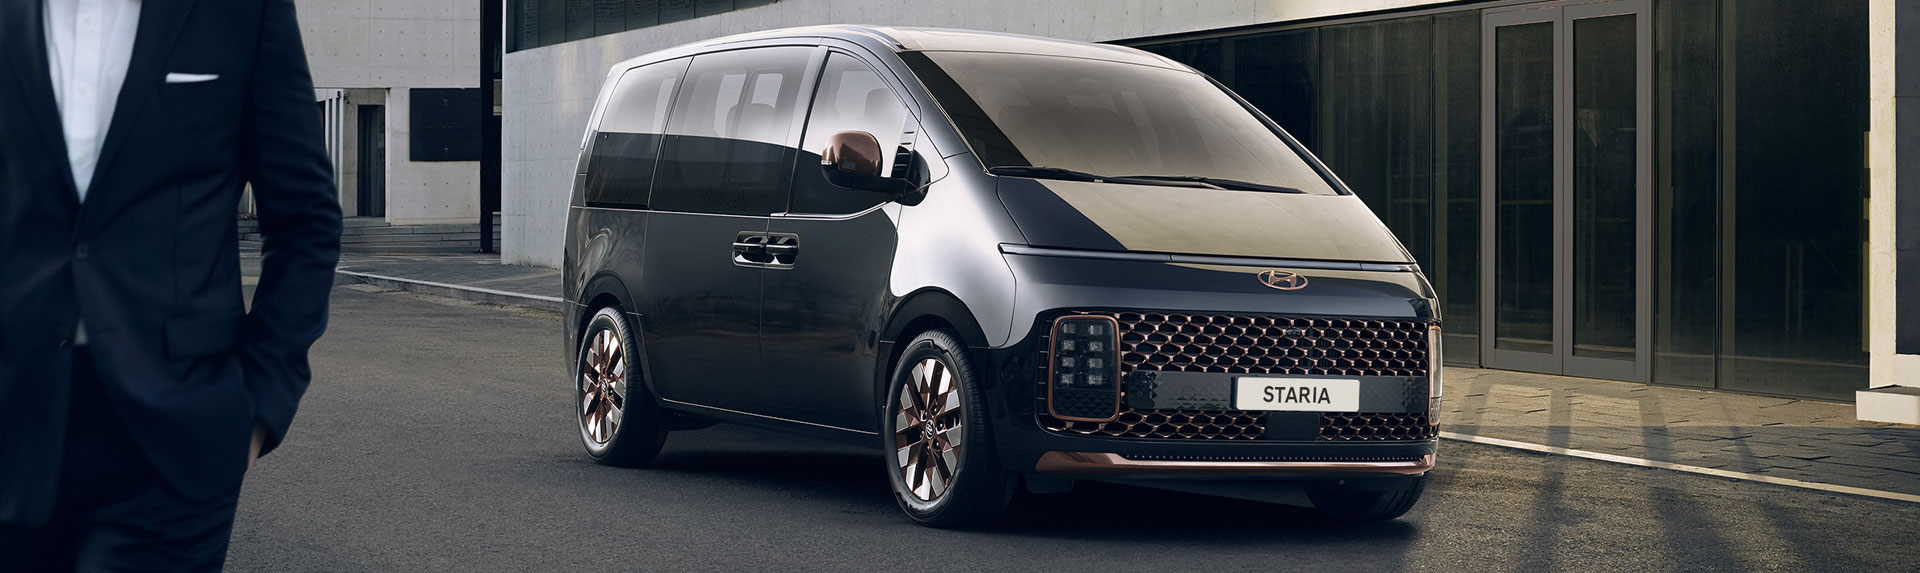 Hyundai STARIA - Panorama